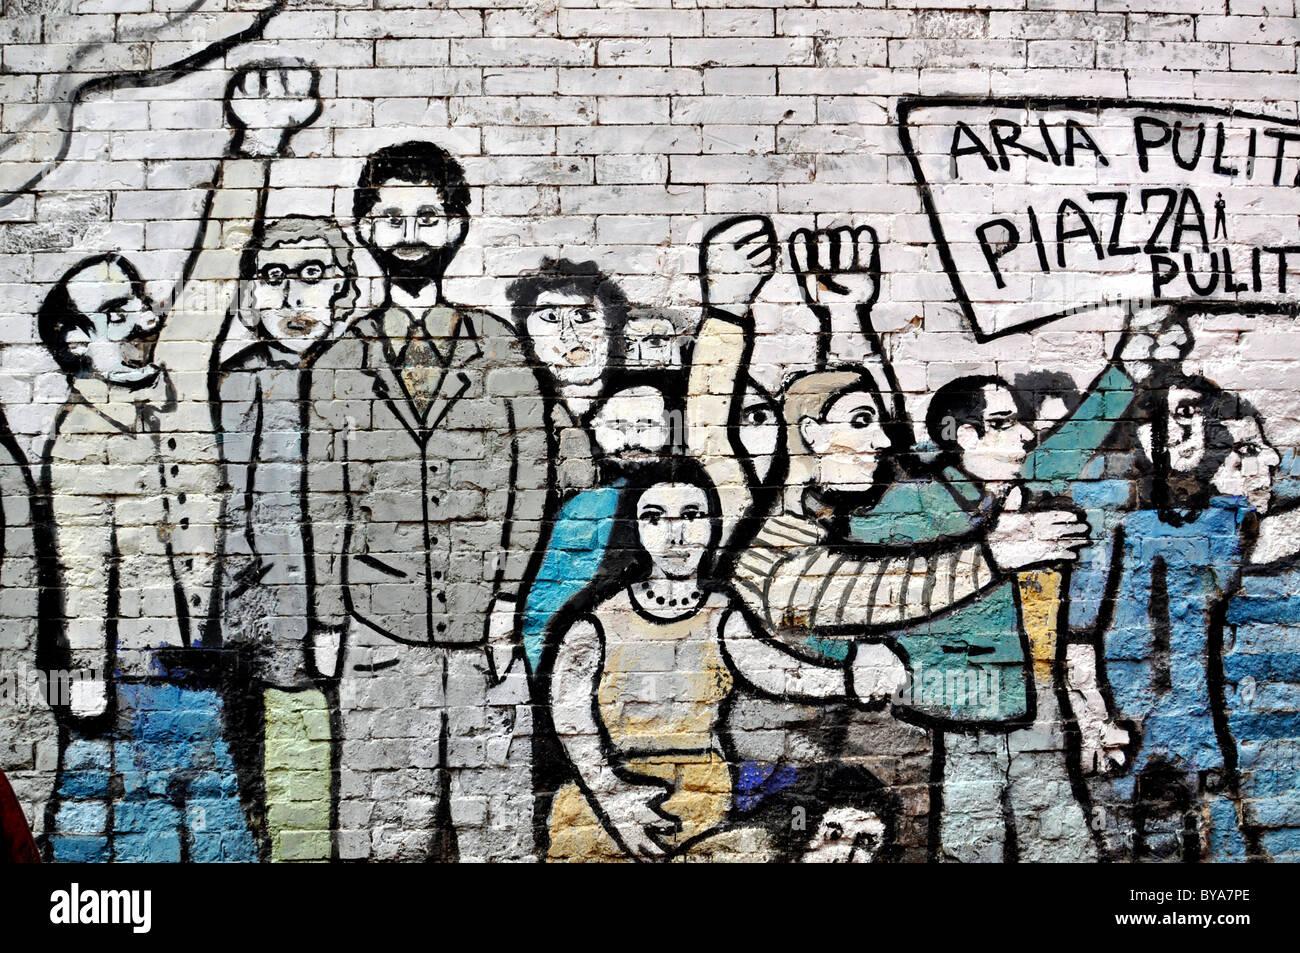 Protesta murale, Roma, Lazio, l'Italia, Europa Immagini Stock